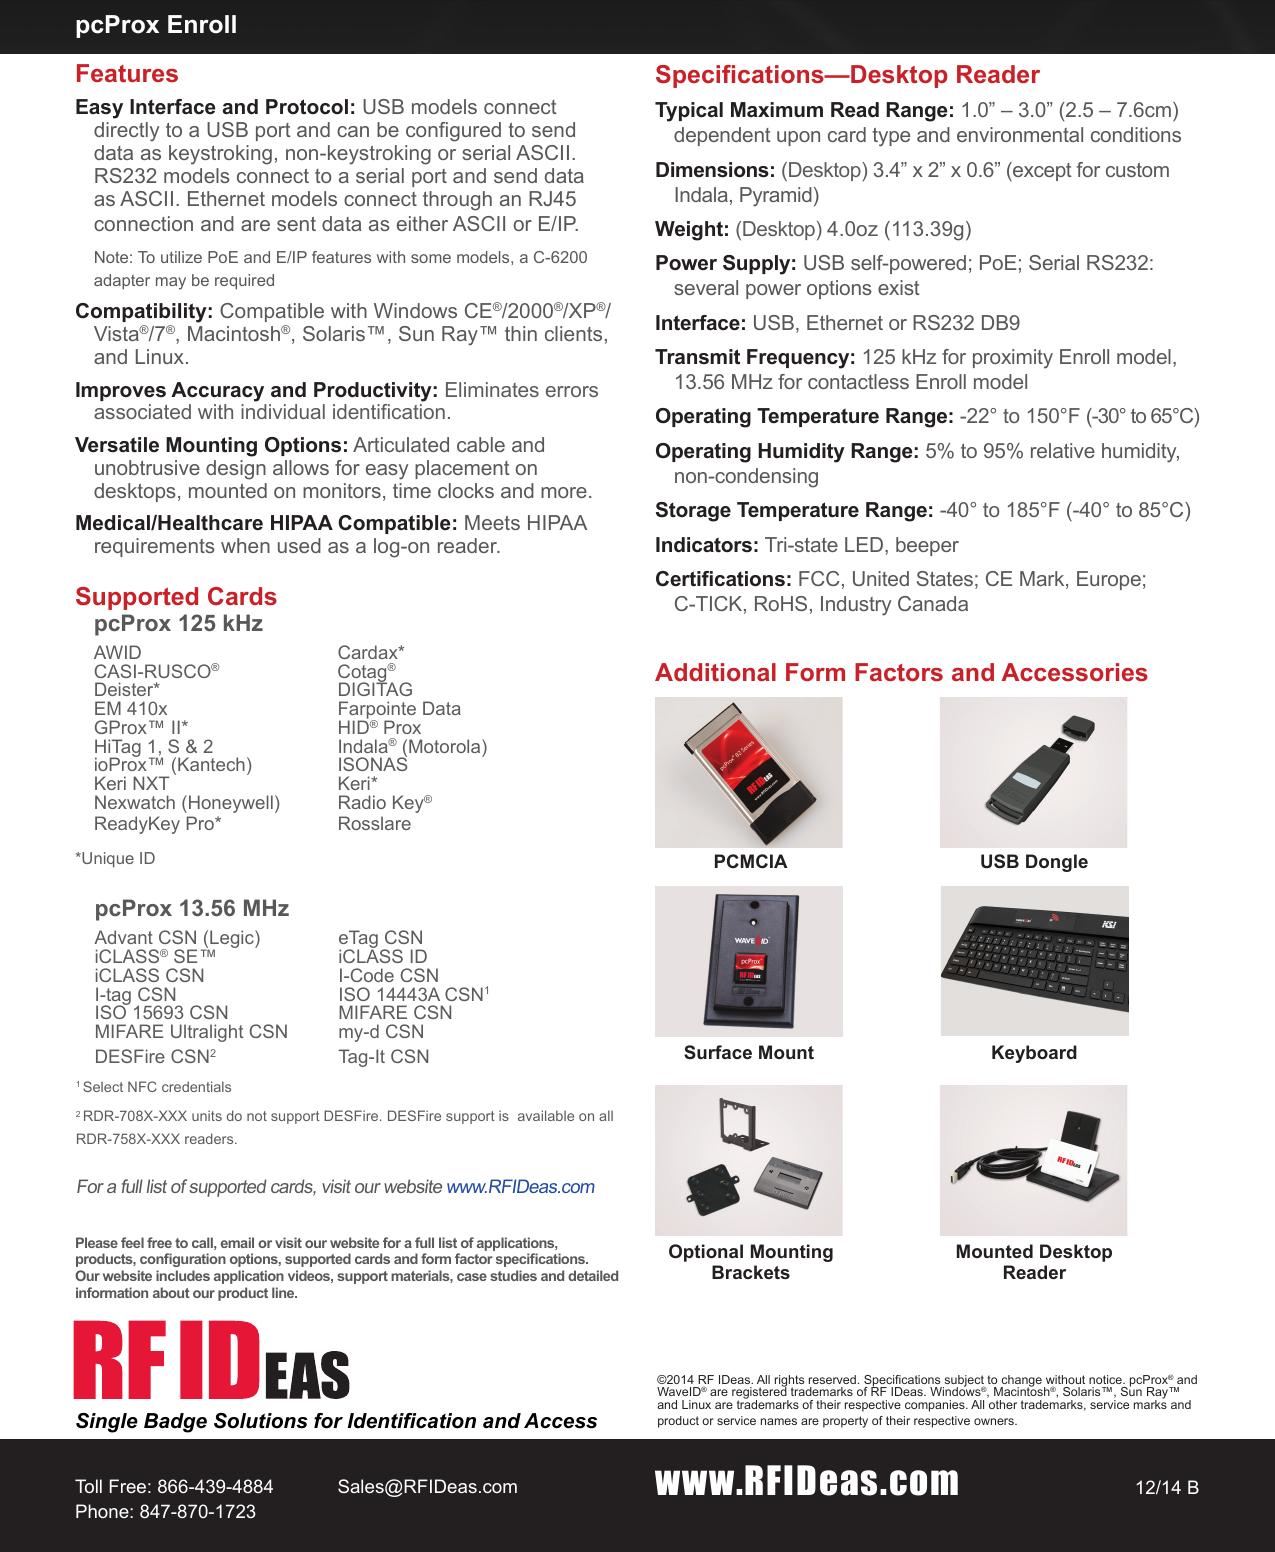 Rdr 6H81Aku User Manual